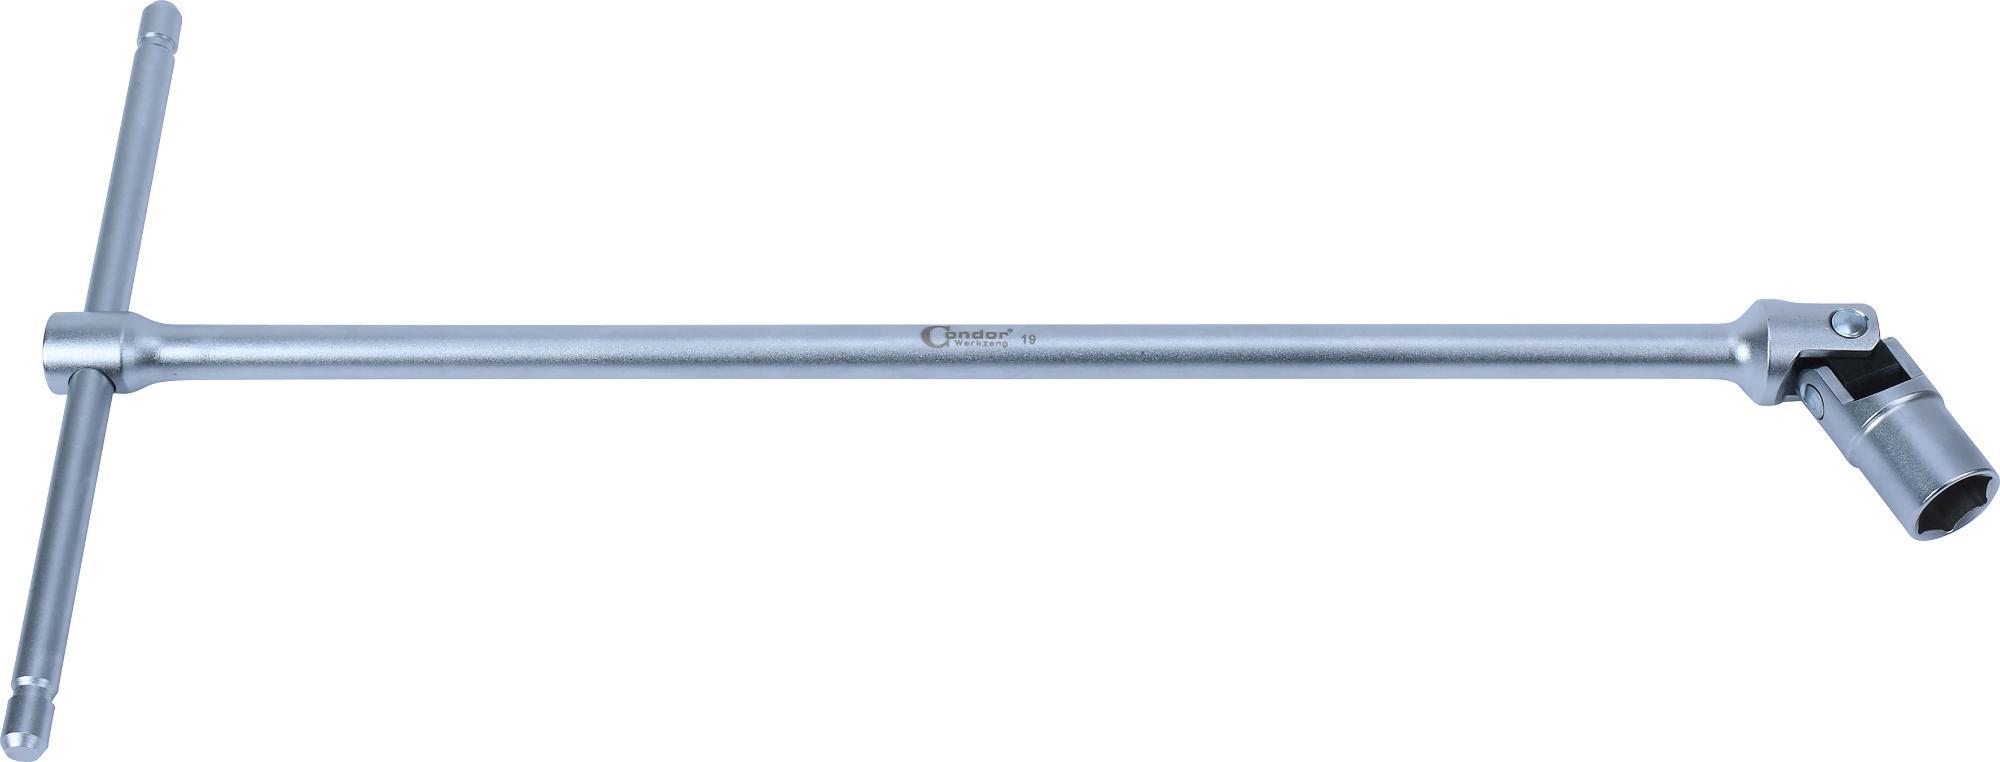 """Kľúč """"T"""" s kĺbom, 500 mm, 6-hran 19 mm"""